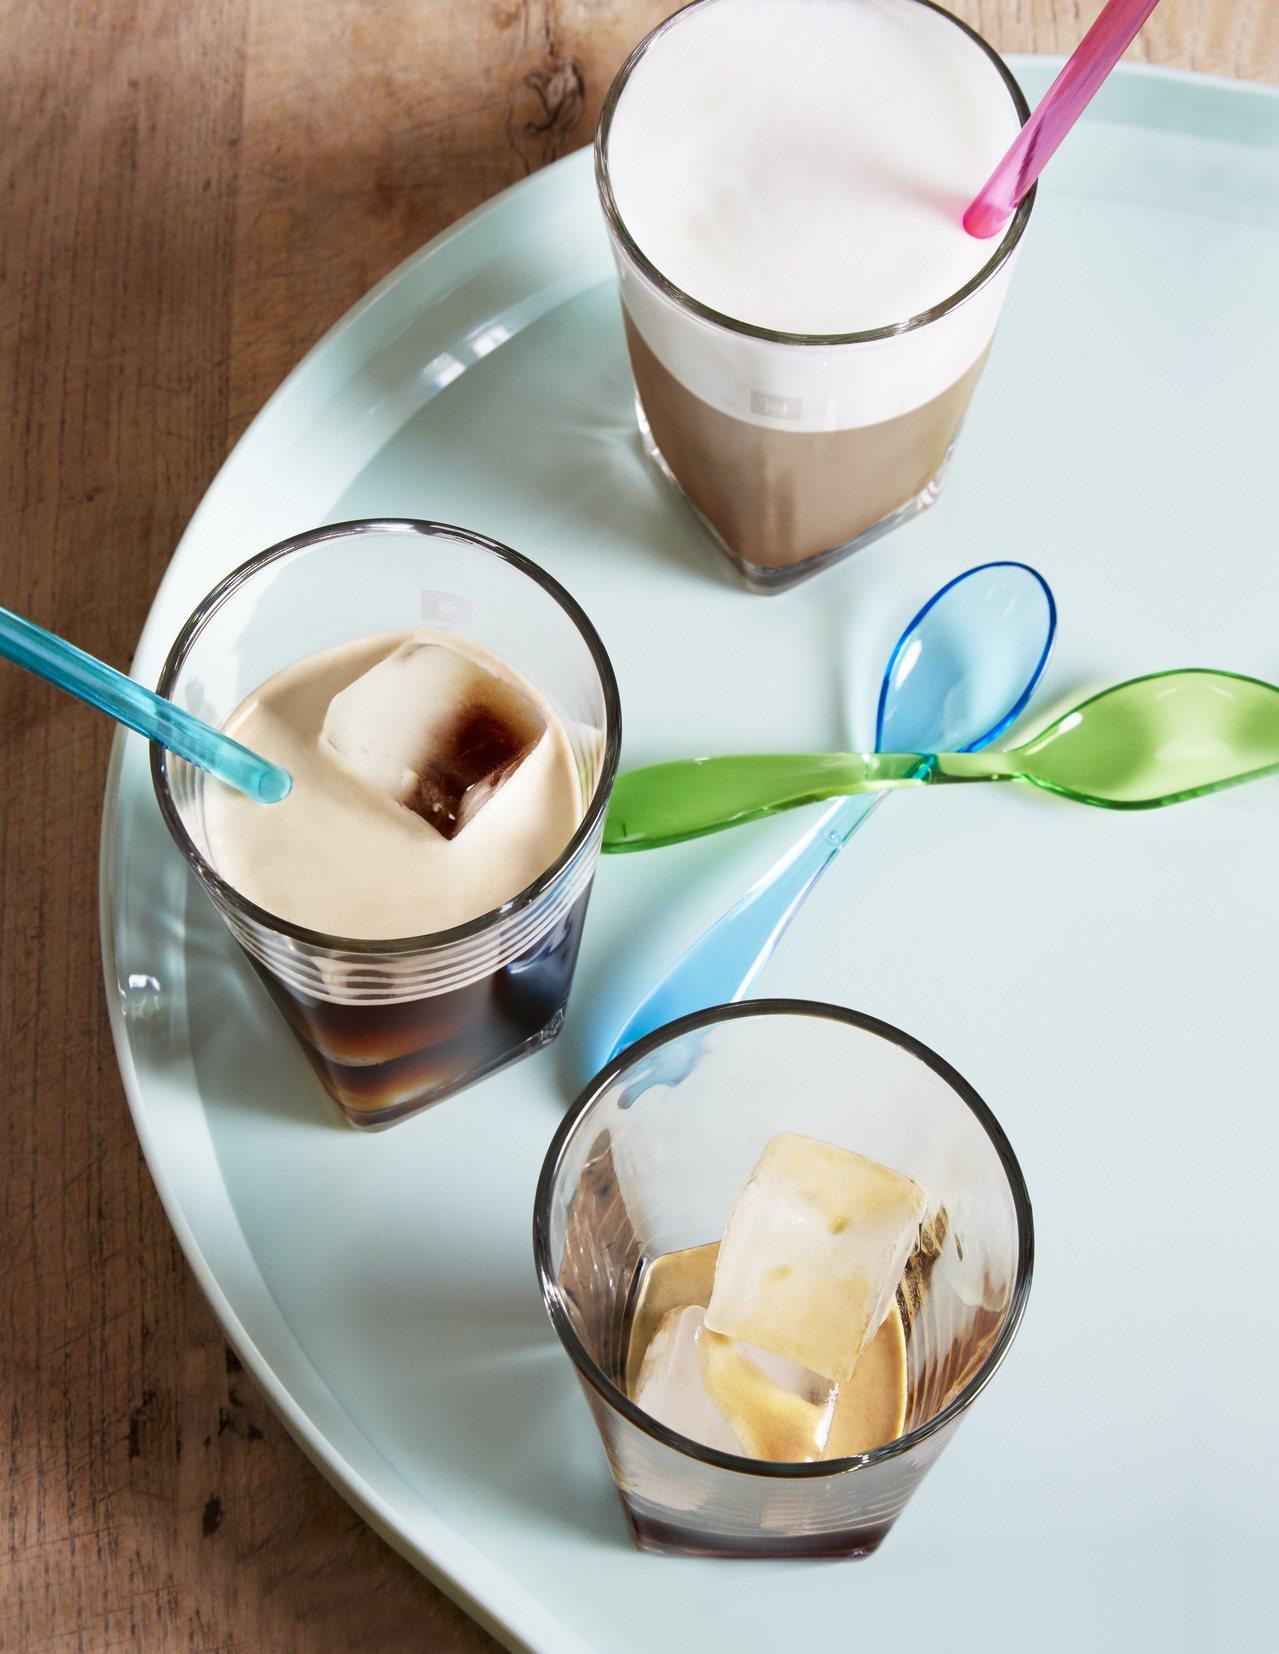 Nespresso推出夏季限量款冰咖啡,在家就能享受。圖/Nespresso提供